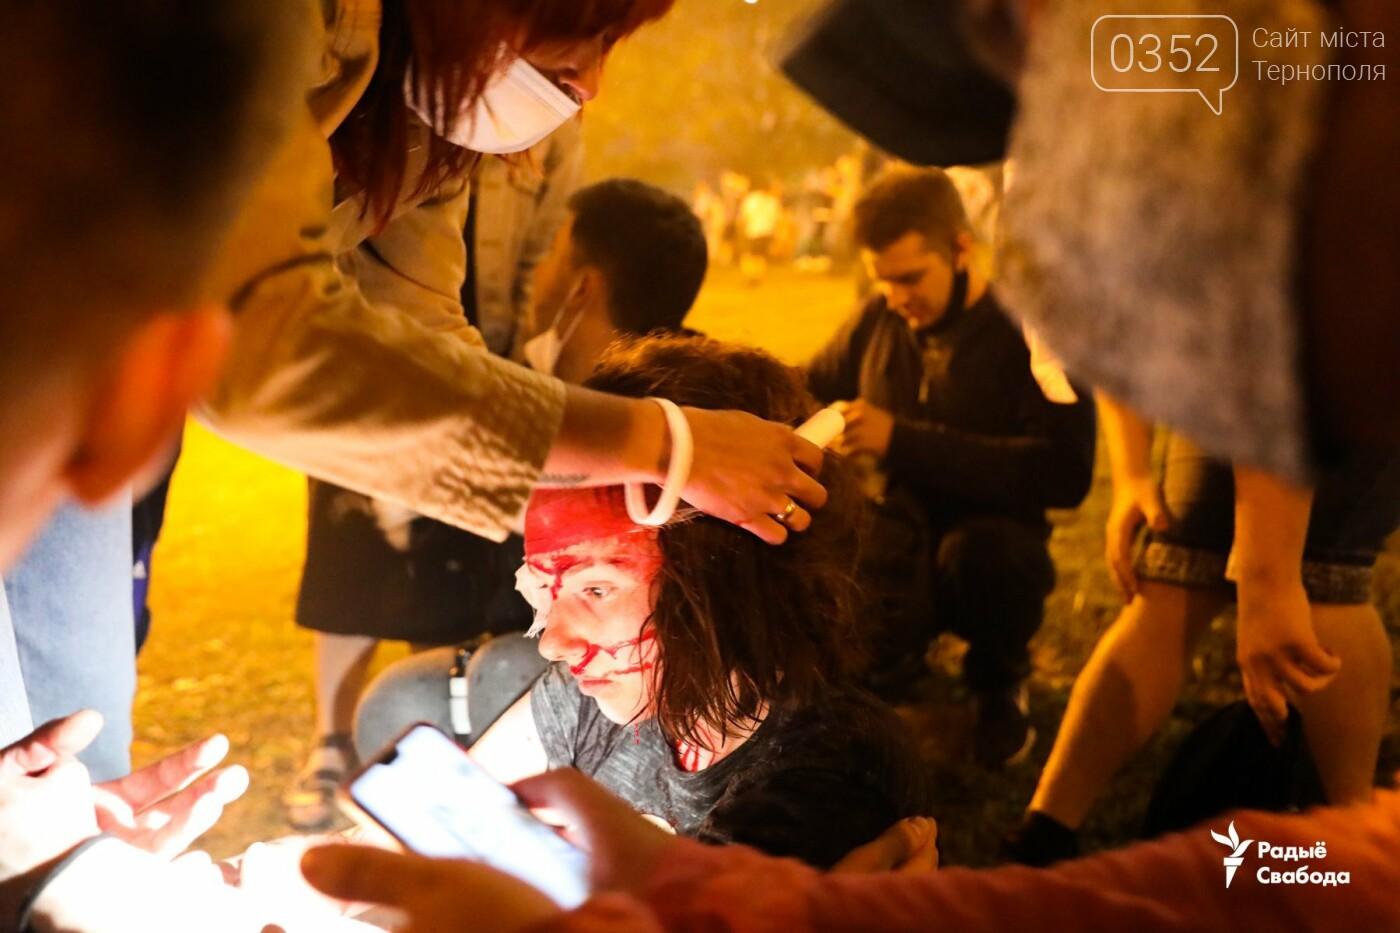 Білорусь прокинулась: країну охопили протести , а у кількох містах  ОМОН опускає щити і стає на сторону протестувальників (ФОТО, ВІДЕО), фото-2